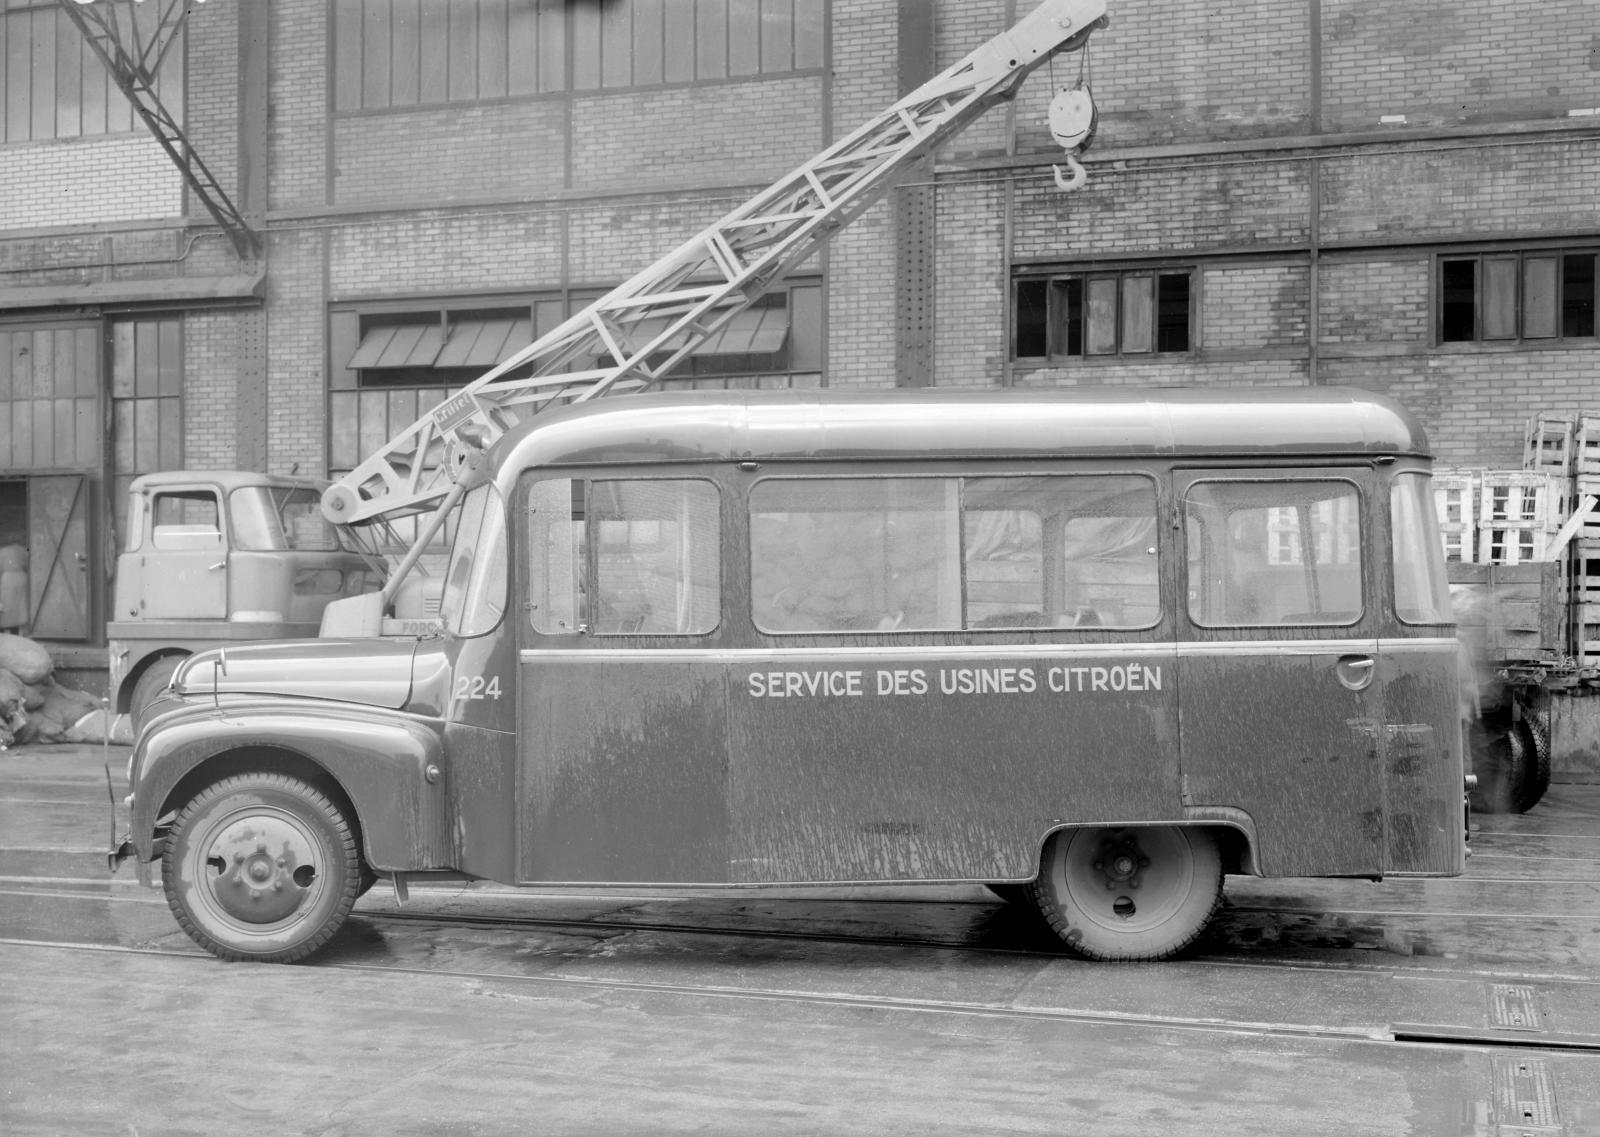 U23型バス - 側面